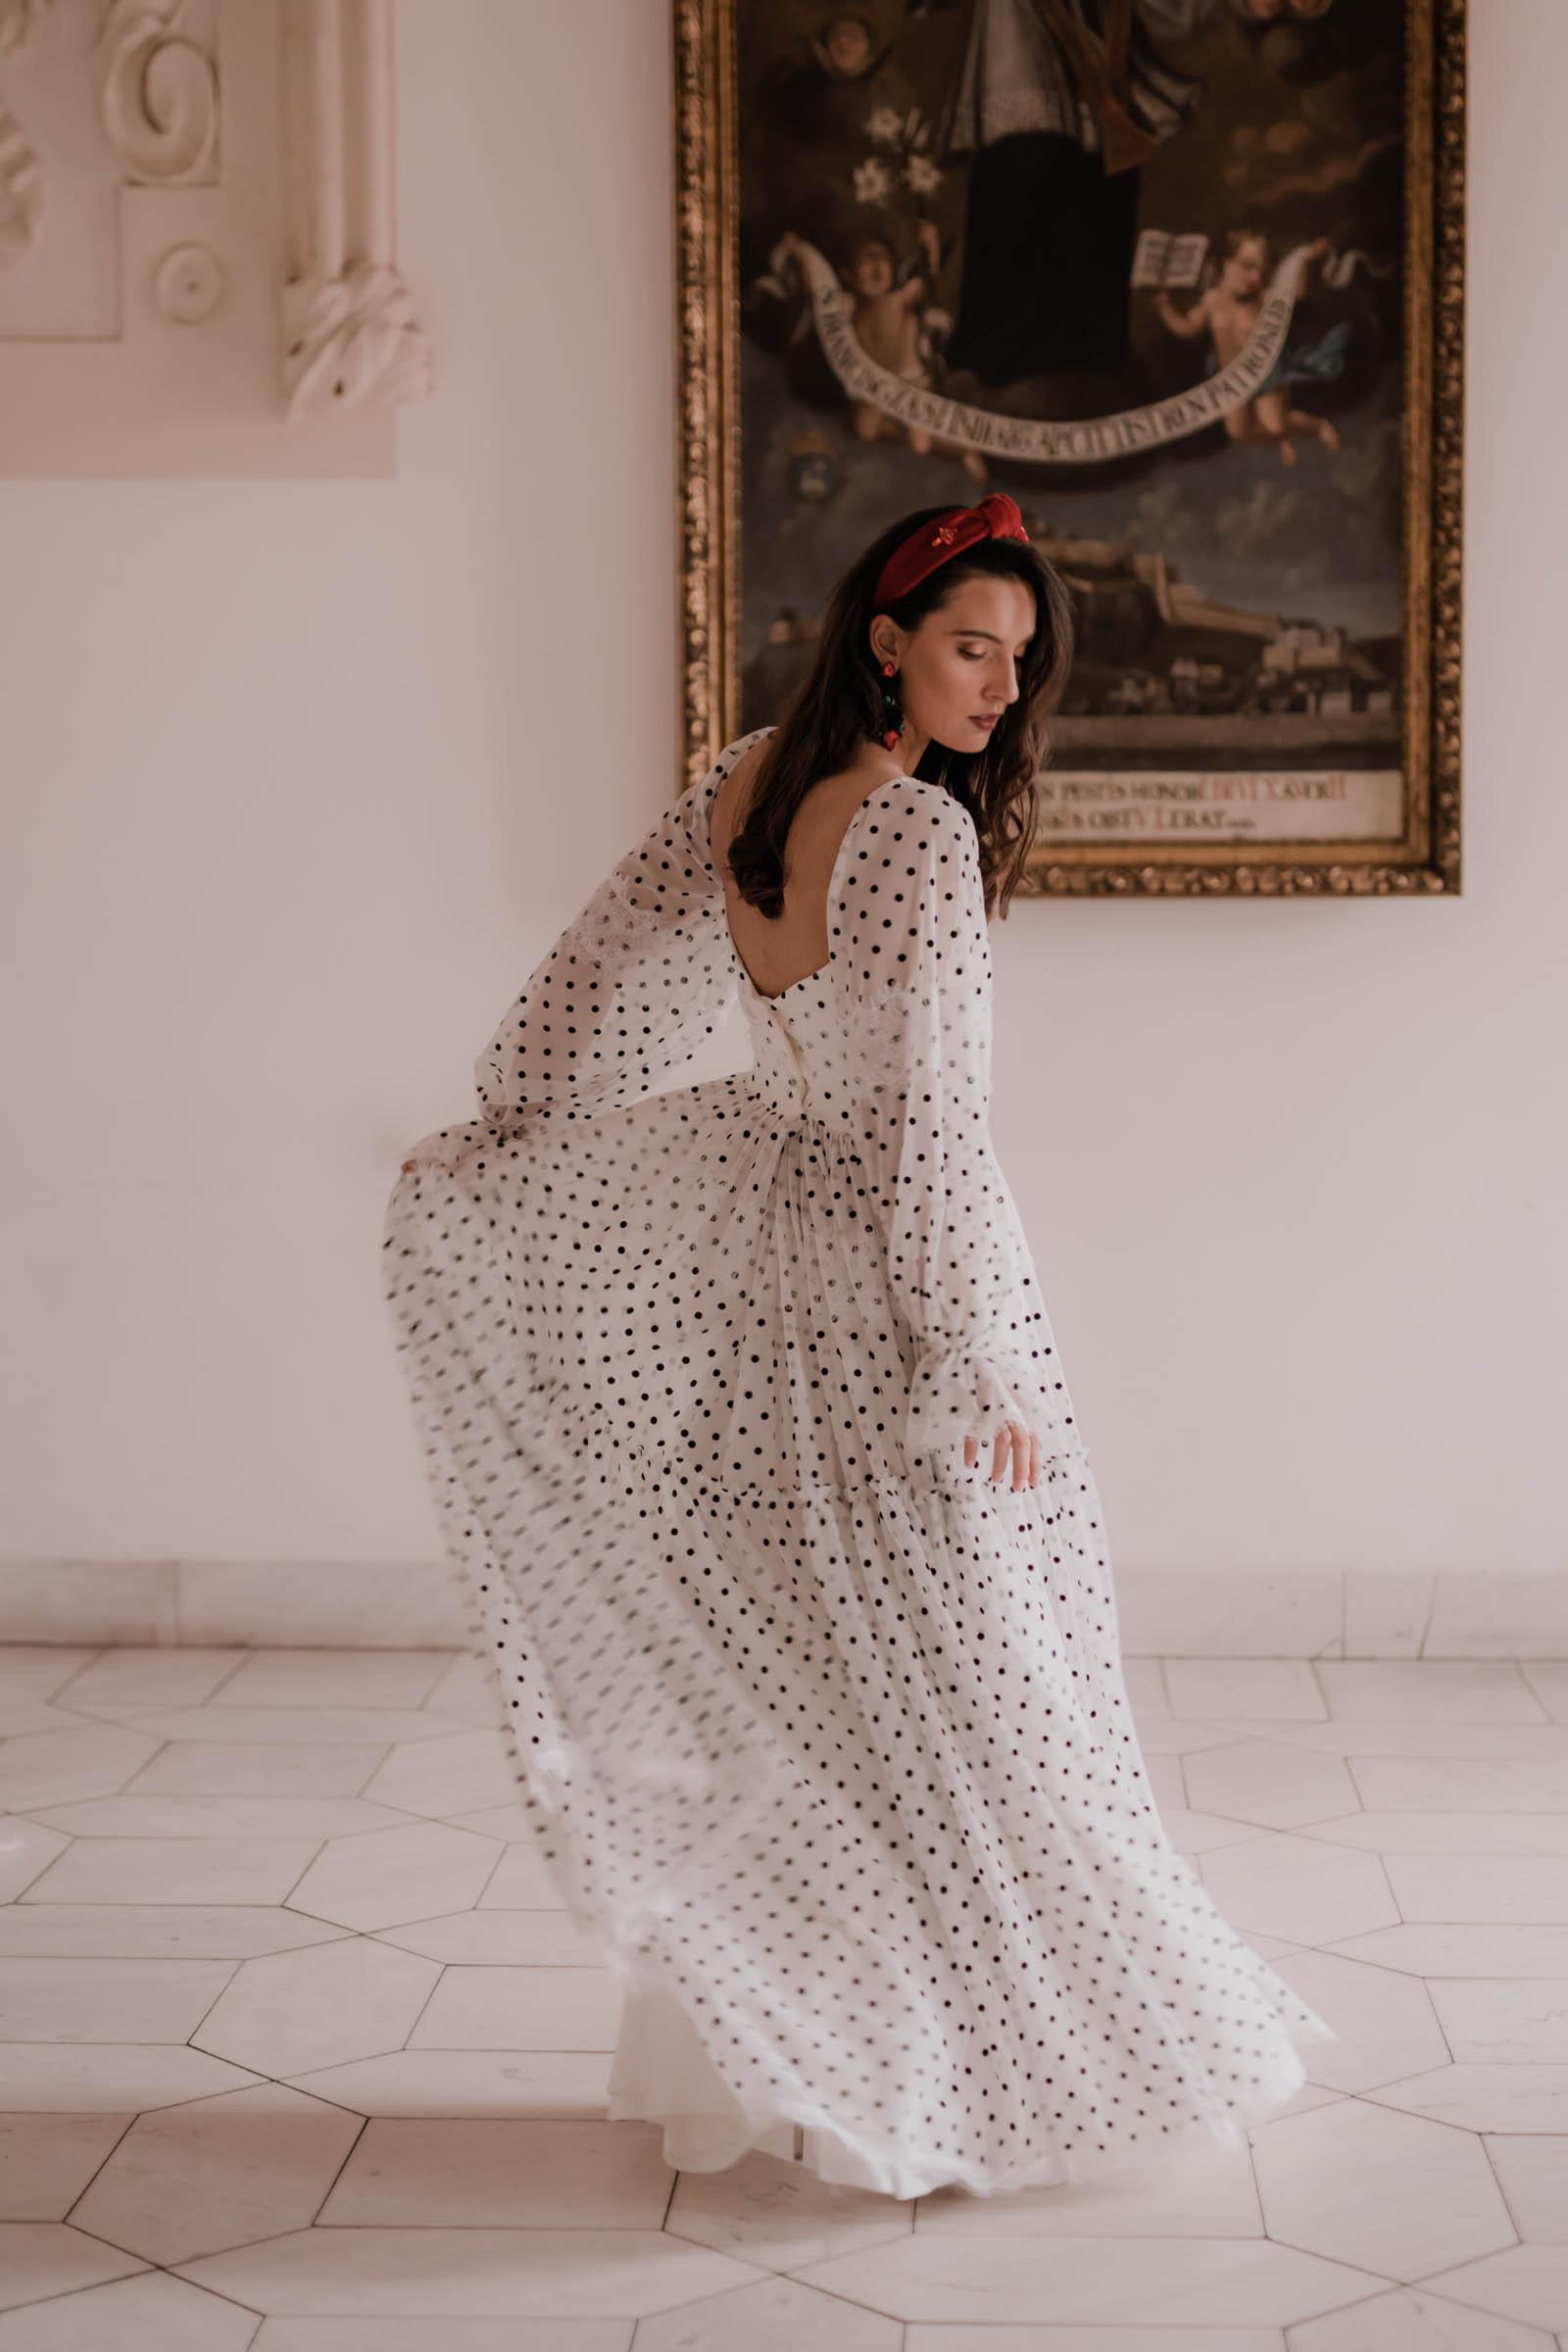 boho-svadobne-saty-veronika-kostkova-wedding-atelier-kolekcia-2019-bonita-4